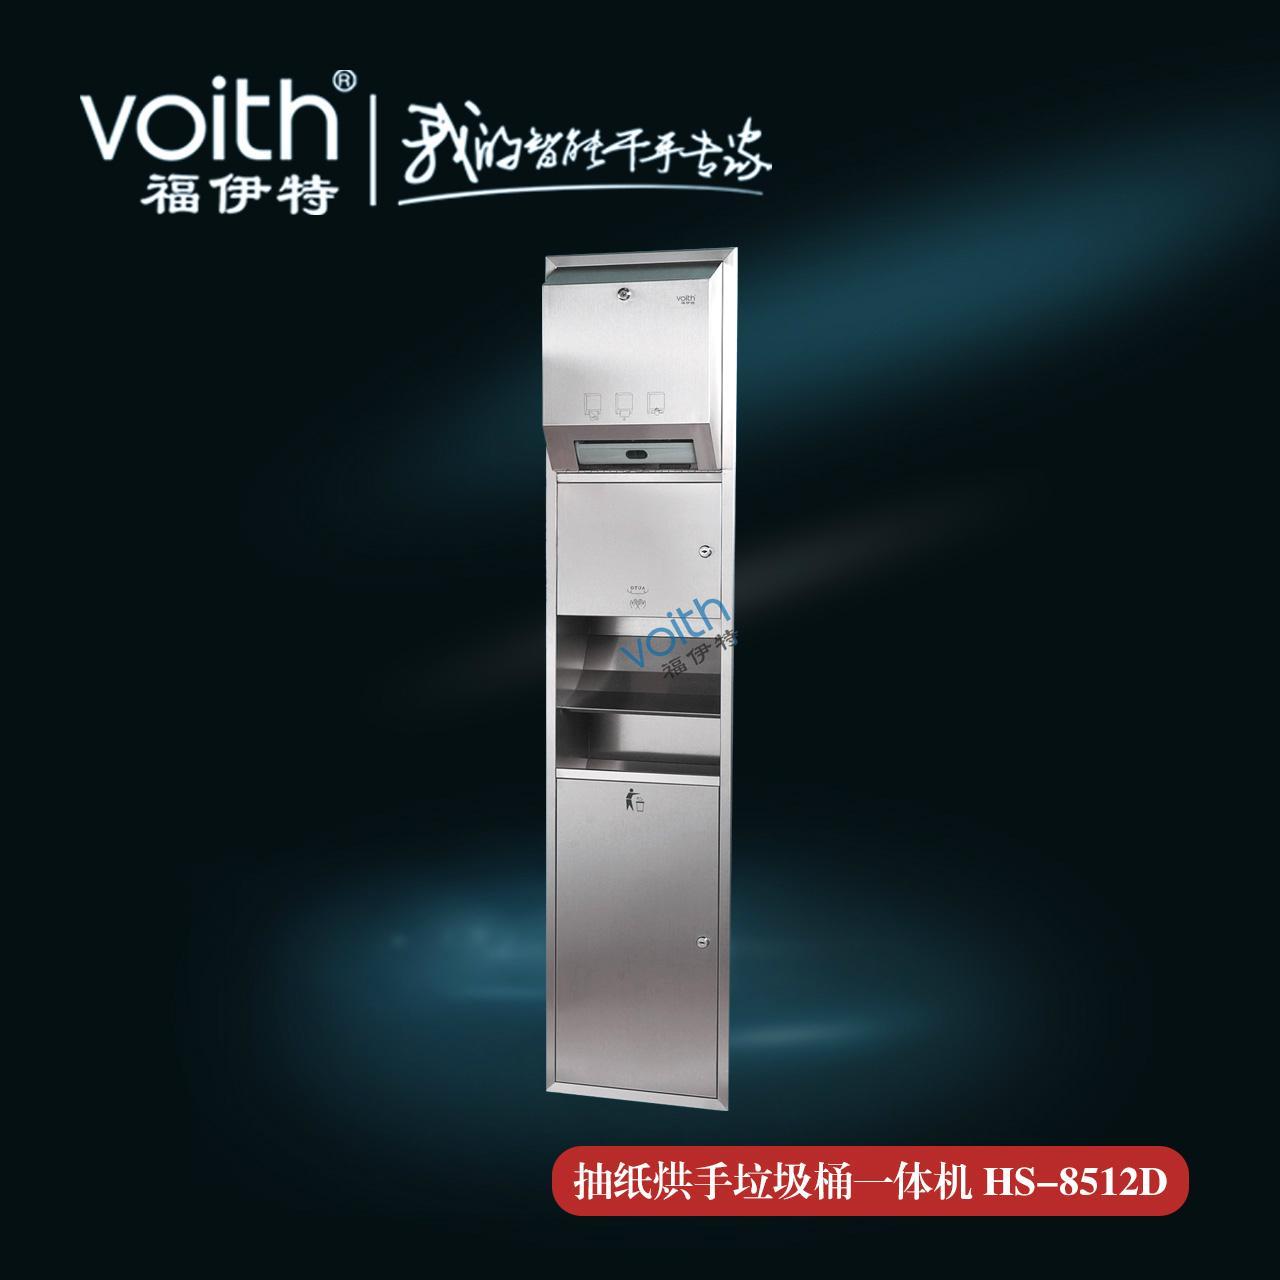 甦南碩放機場高速干手器HS-8512C 大品牌福伊特VOITH 3